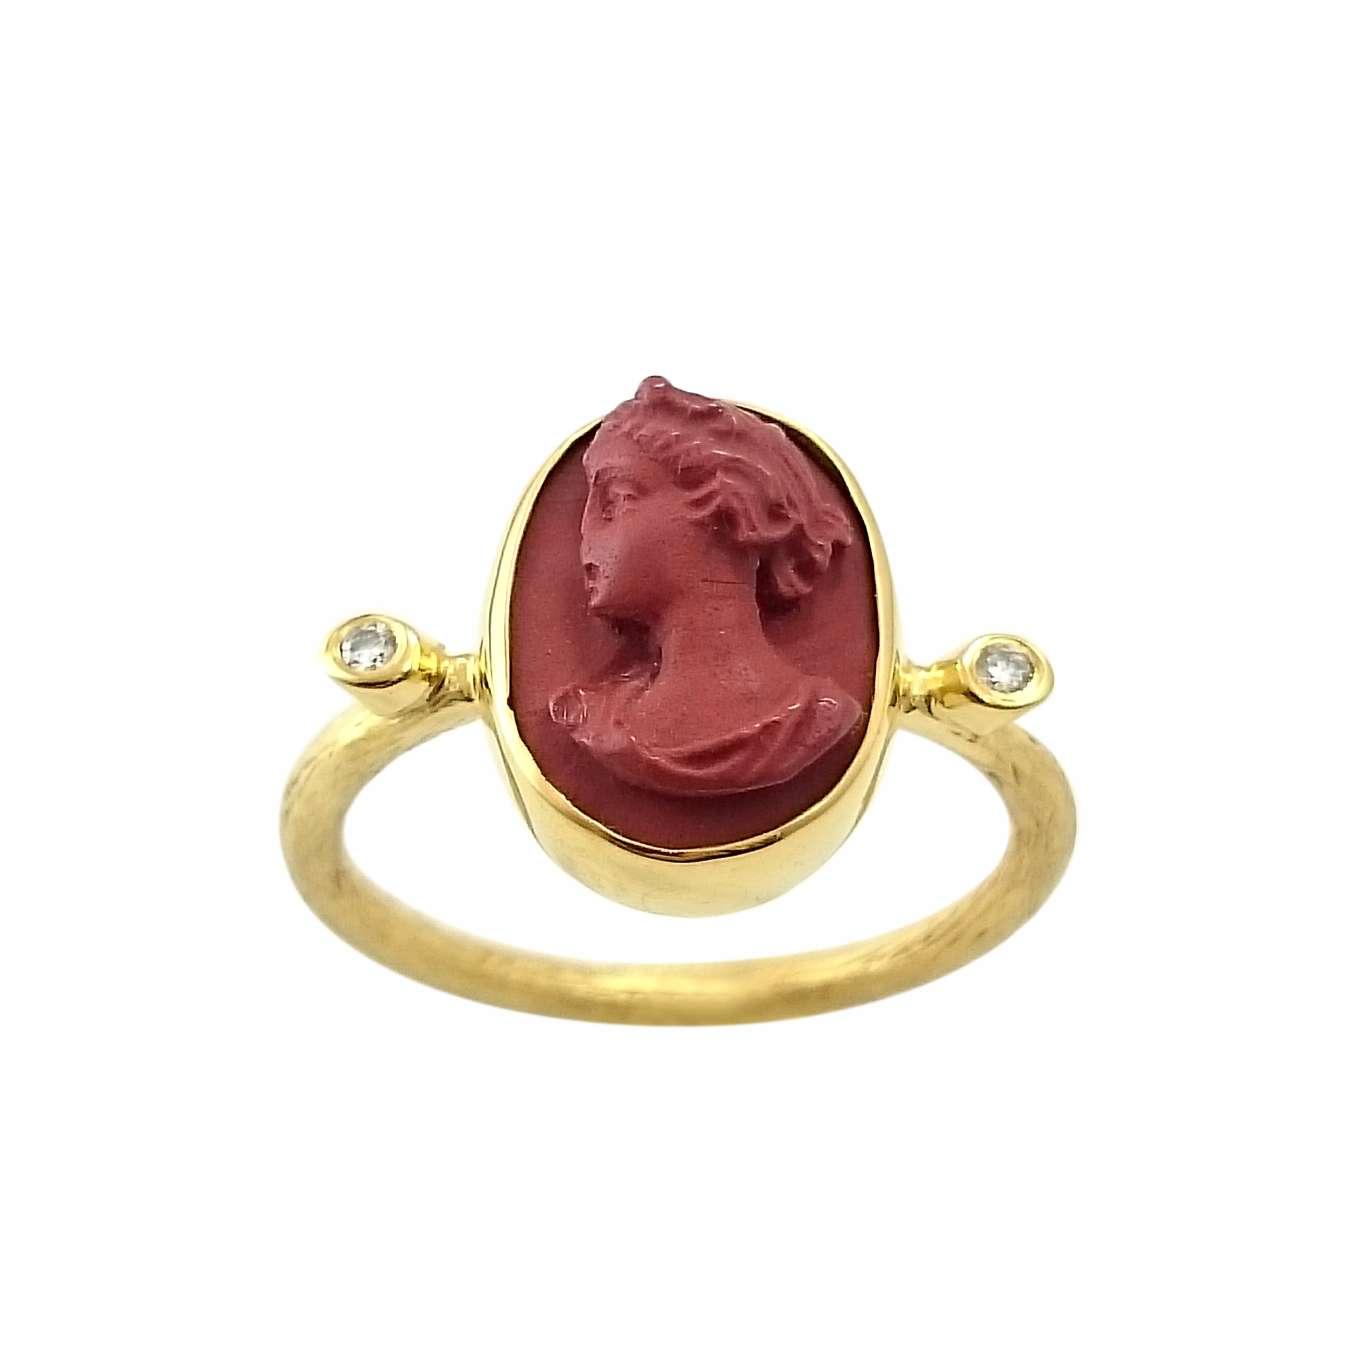 Δαχτυλίδι K14 Χρυσό Με Ιταλικό Καμέο Και Μπριγιάν 0.03ct ΔΟ10929